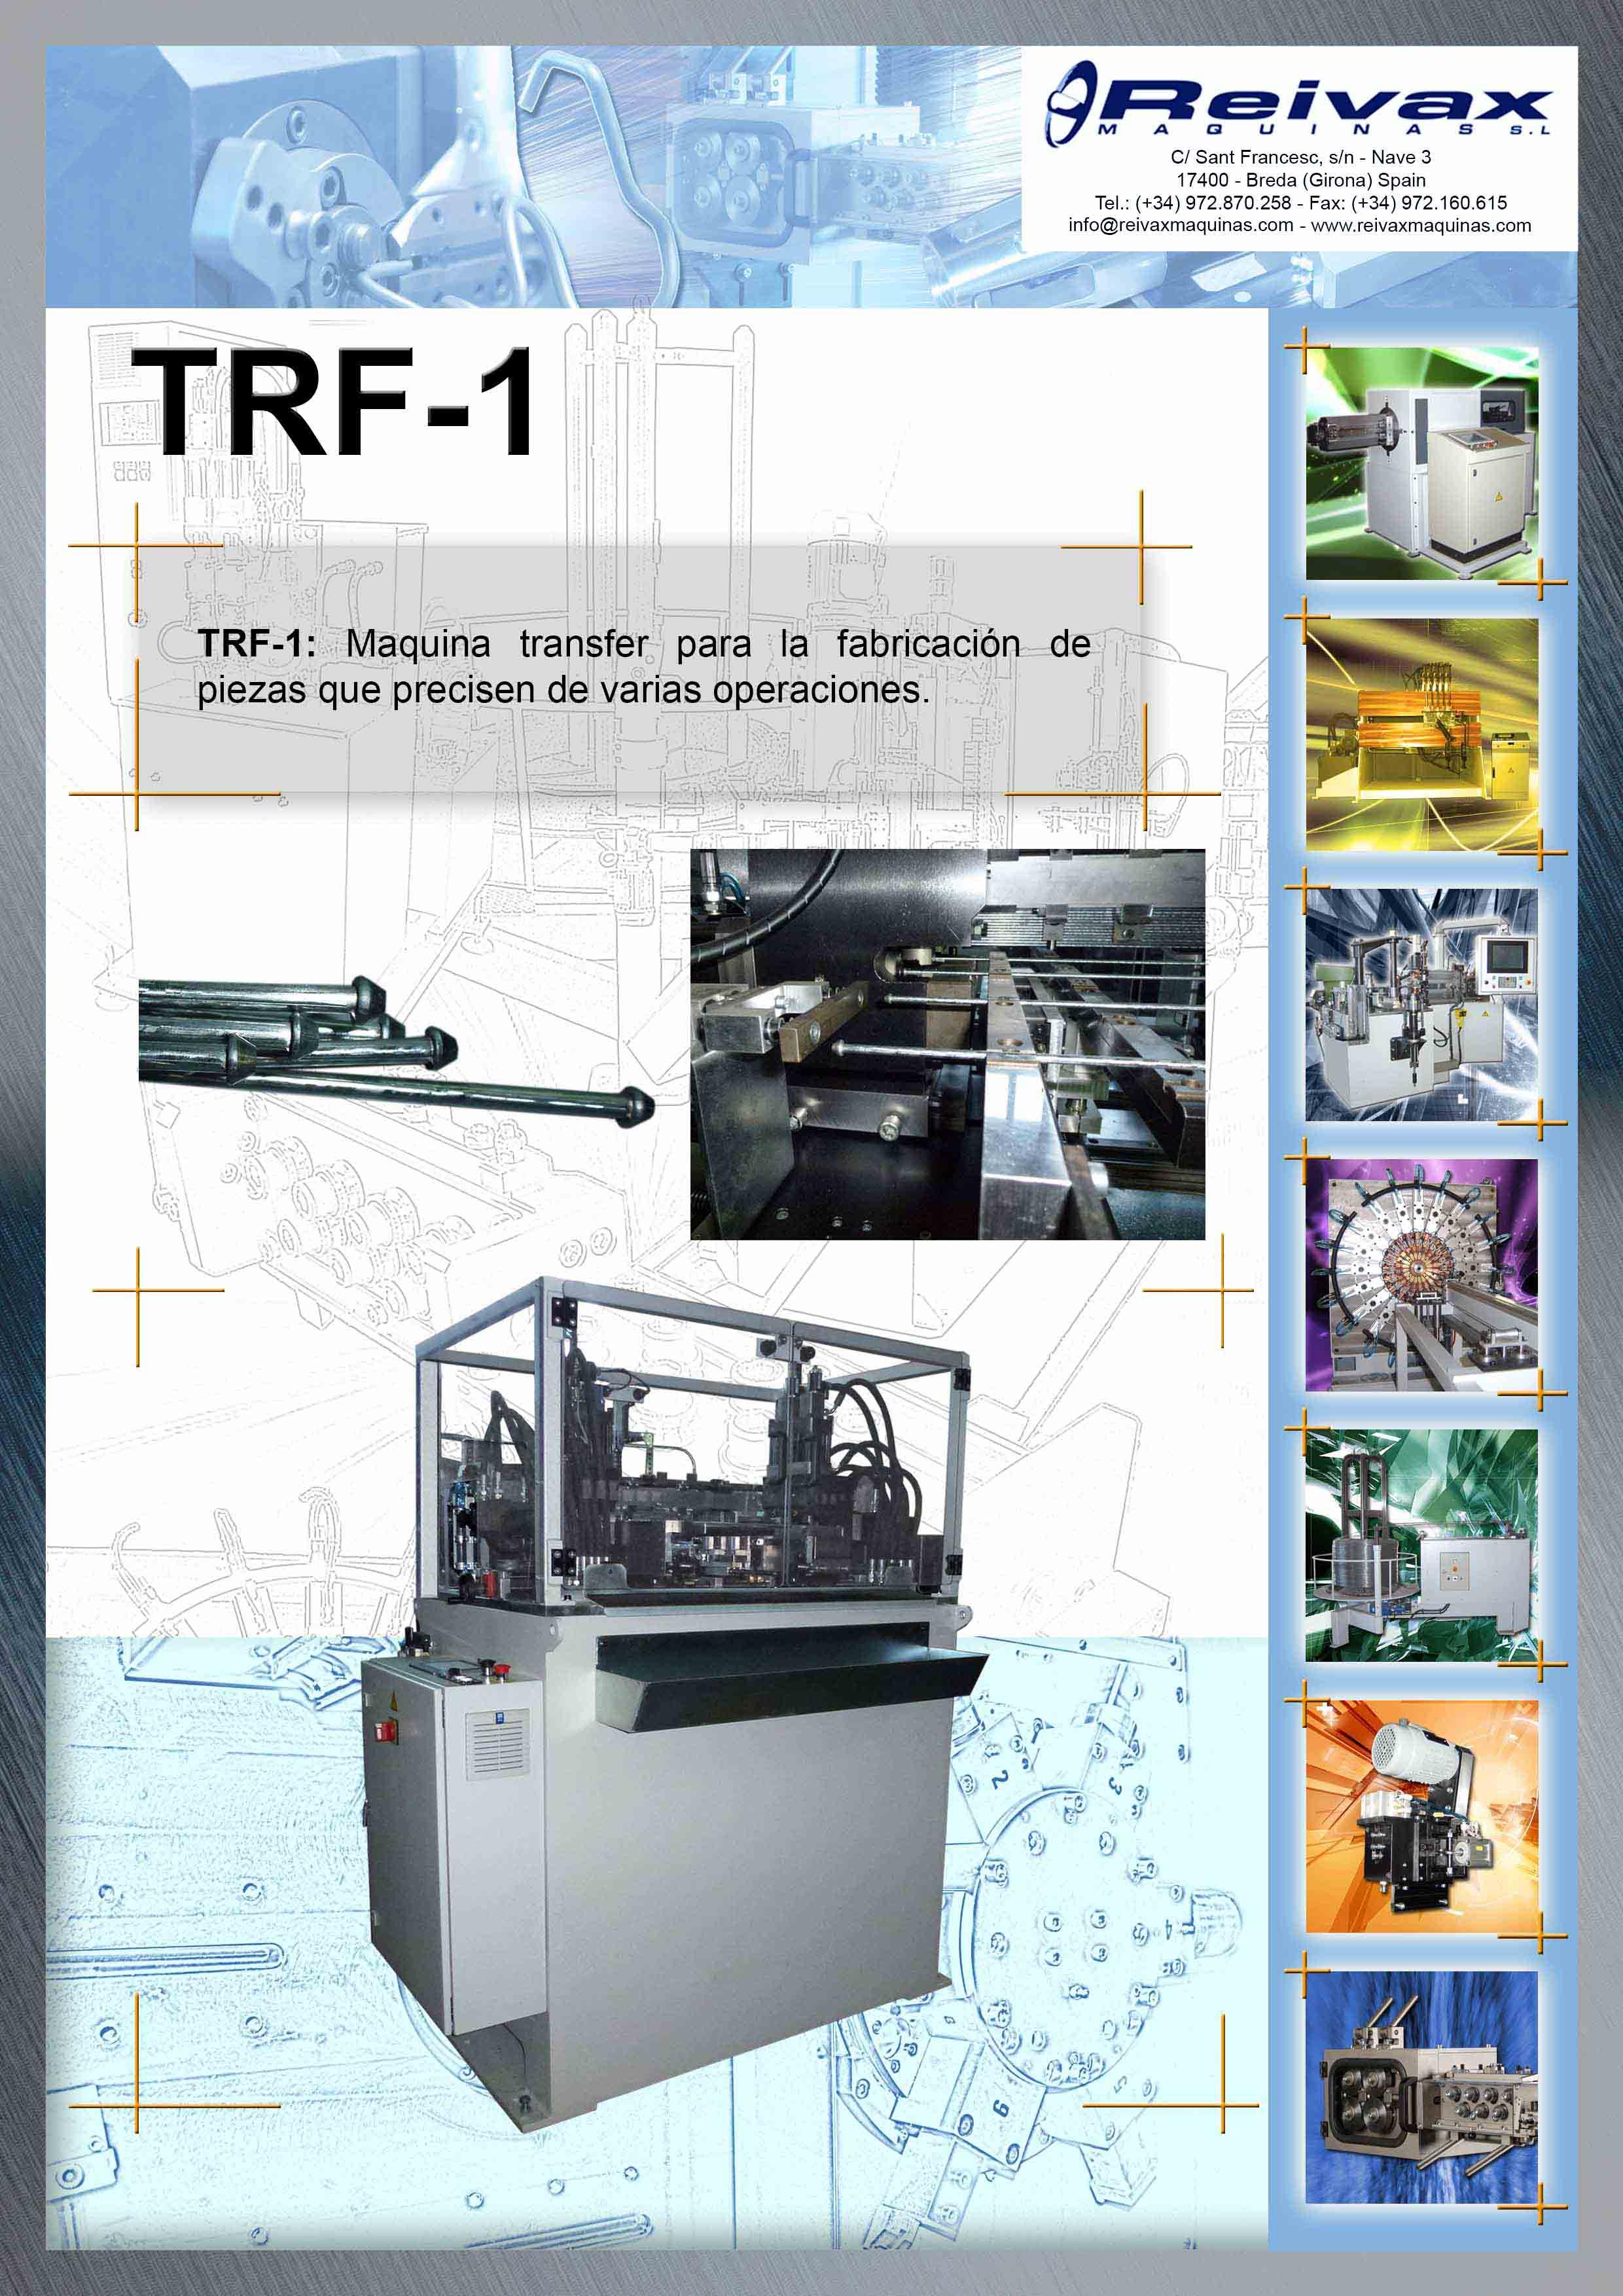 ReivaxMaquinas: Ficha Tecnica TRF-1